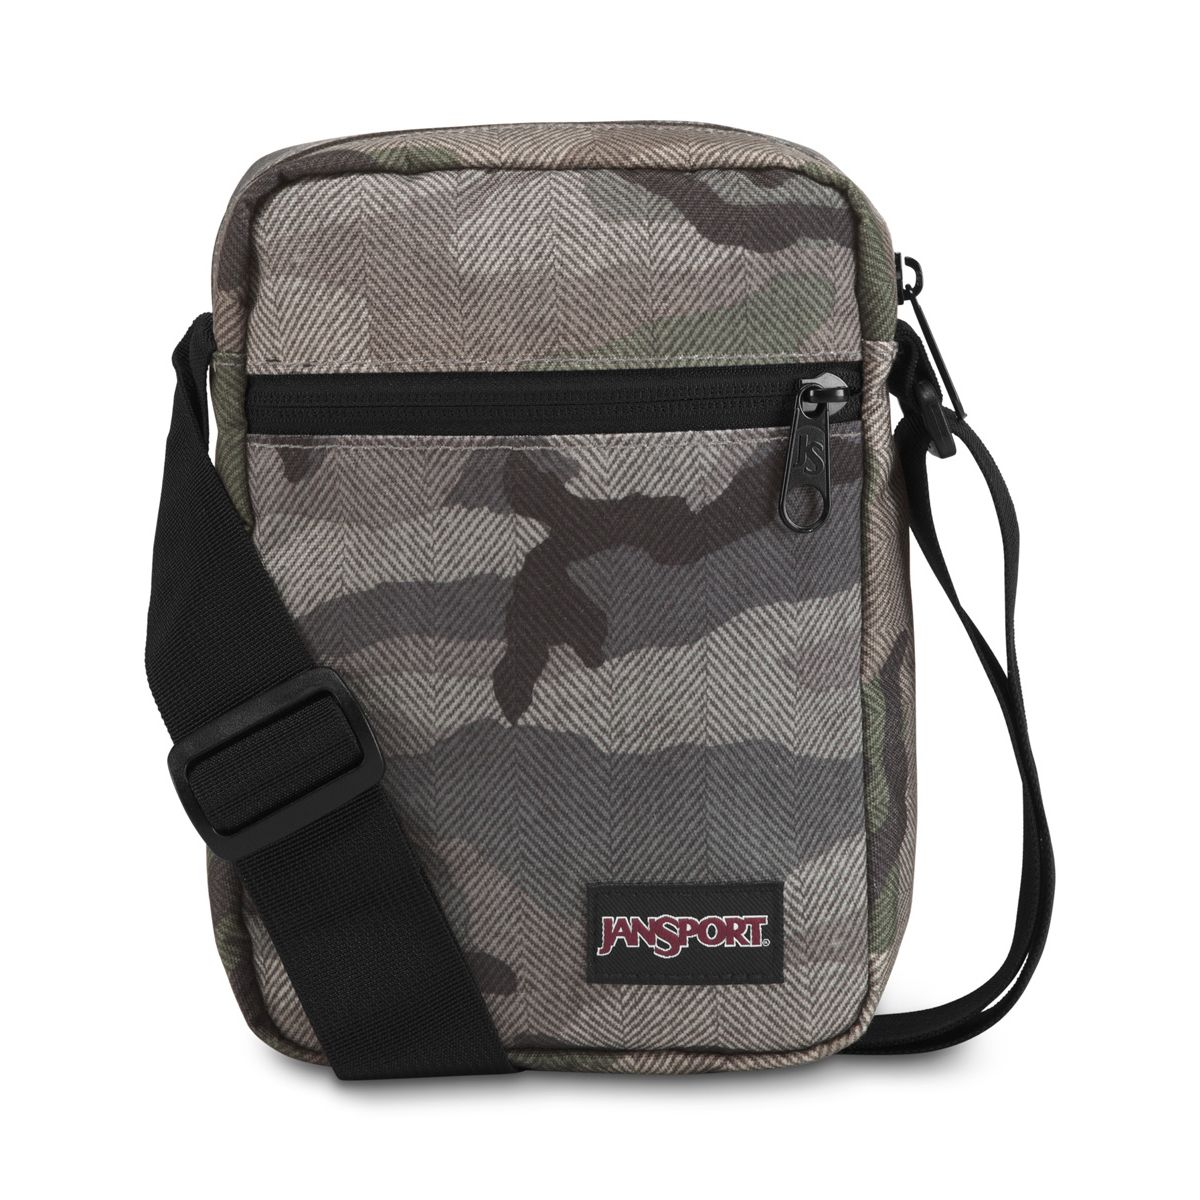 JanSport Weekender FX Mini Bag in Camo Ombre